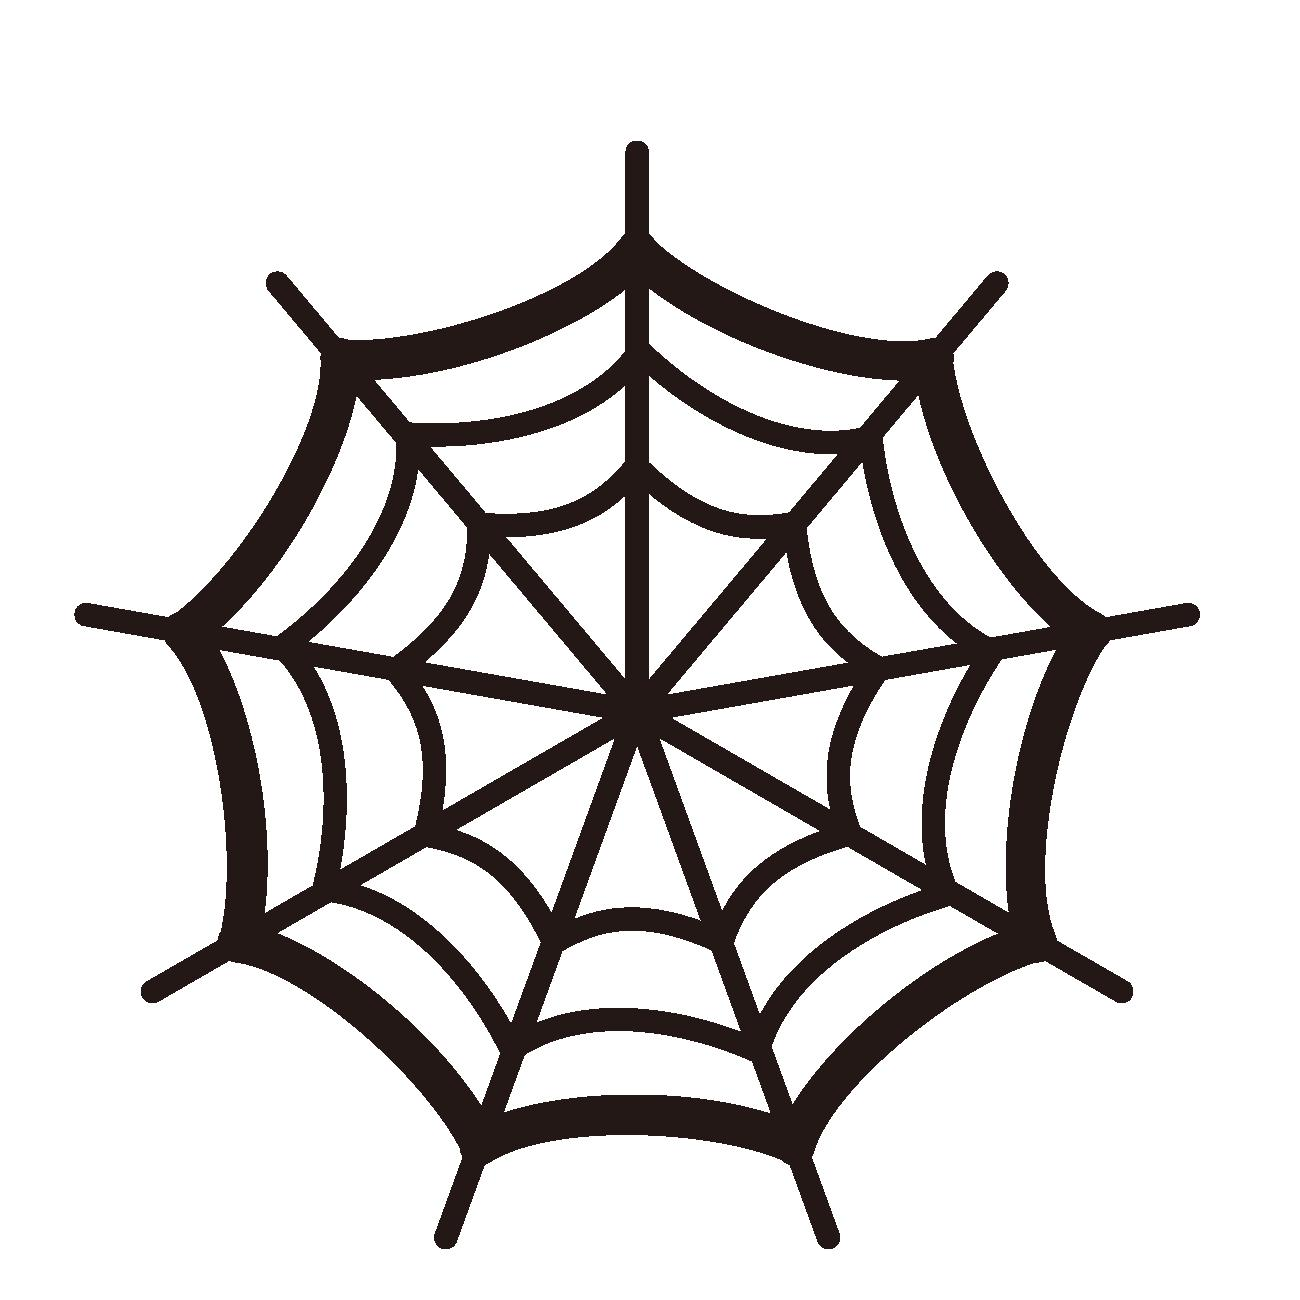 クモの巣は、型通りに切るととても難しいですね。 こちらに、簡単に作れるクモの巣の切り絵をご紹介していますのでどうぞ参考になさってください。